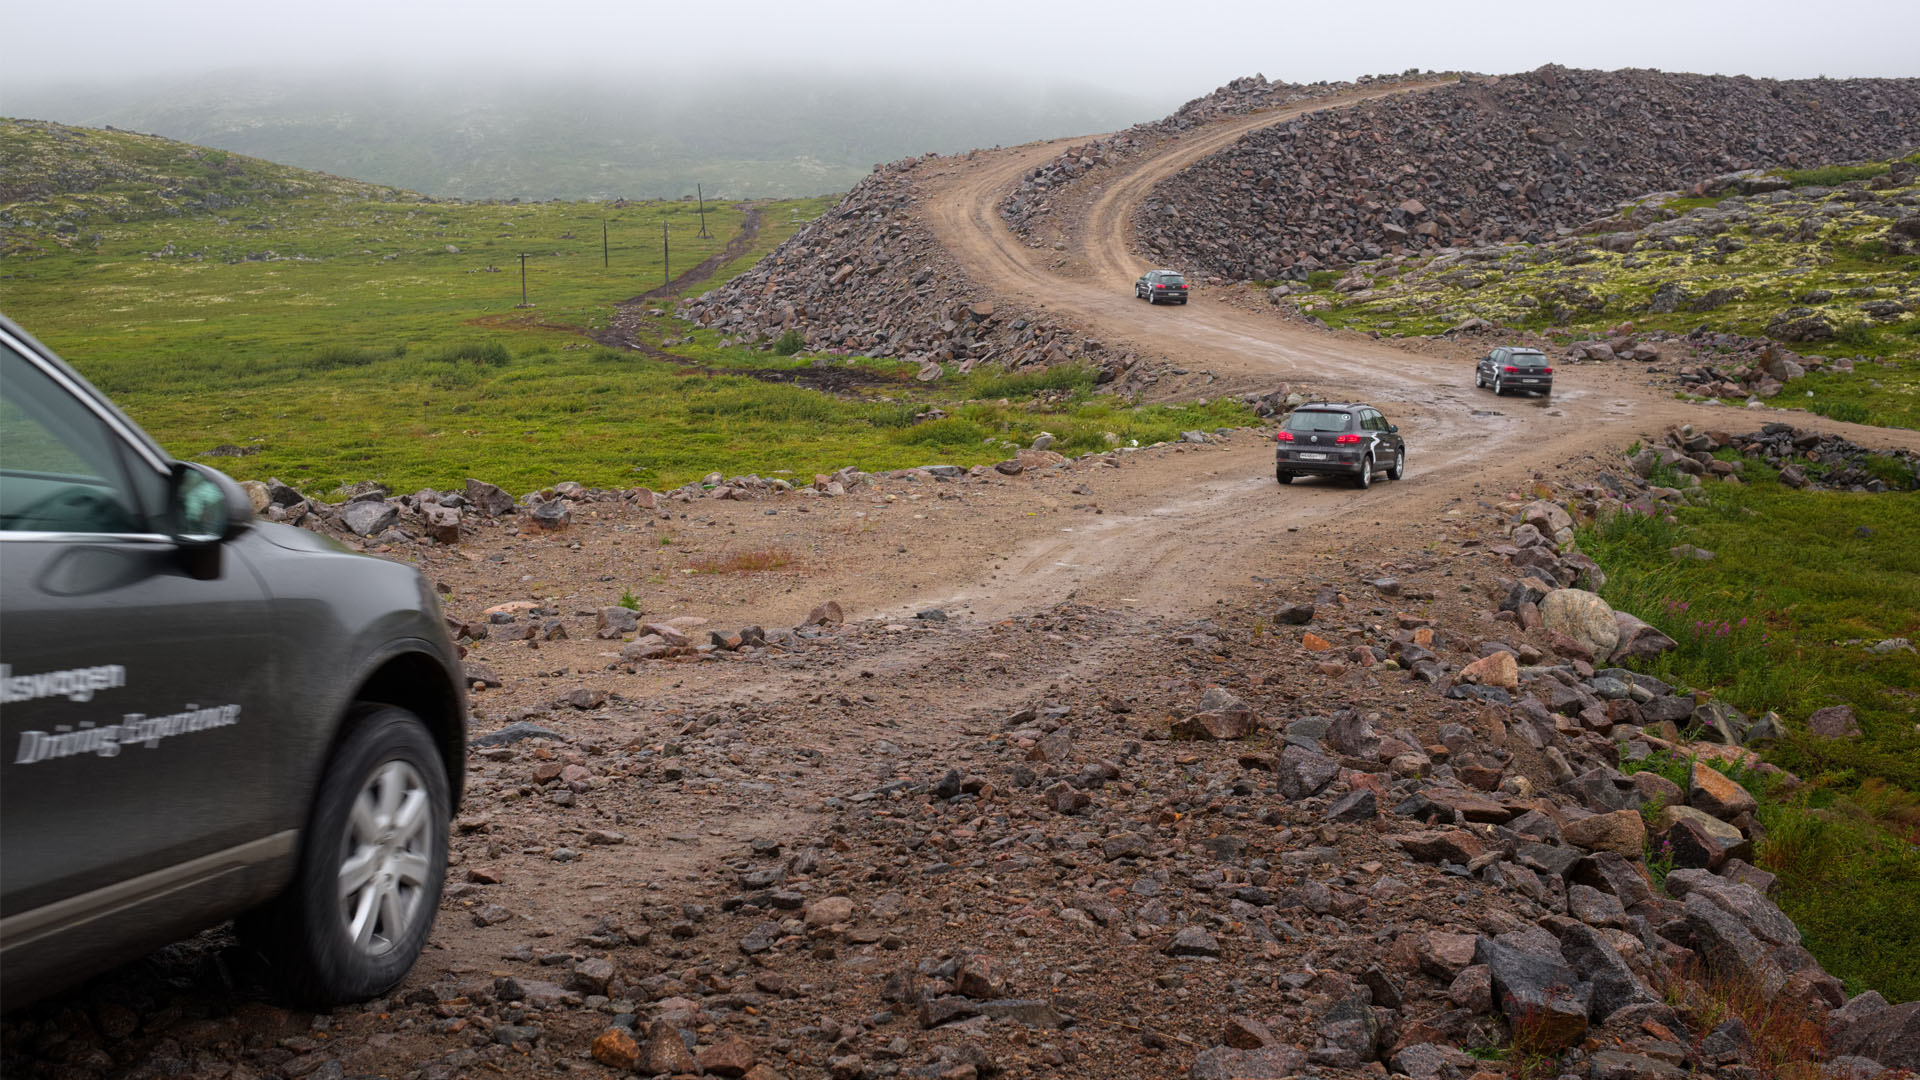 VW Tiguan на Кольском полуострове: Териберка из «Левиафана» и гриб-майор из ФСБ. Фото 11